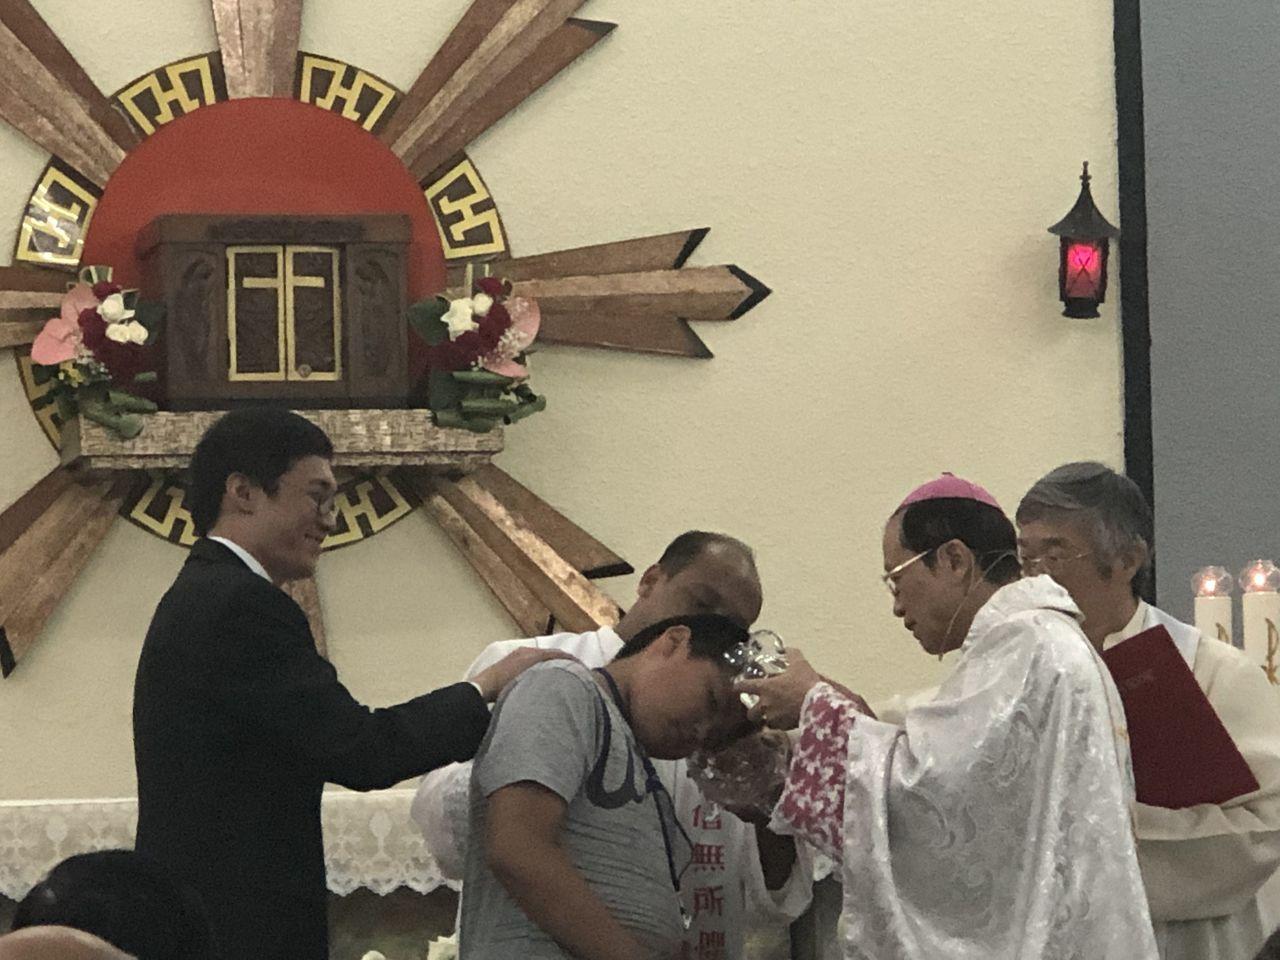 天主教嘉義教區主教鍾安住昨晚在聖若望主教座堂,主禮復活前夕彌撒,為新教友付 洗。...